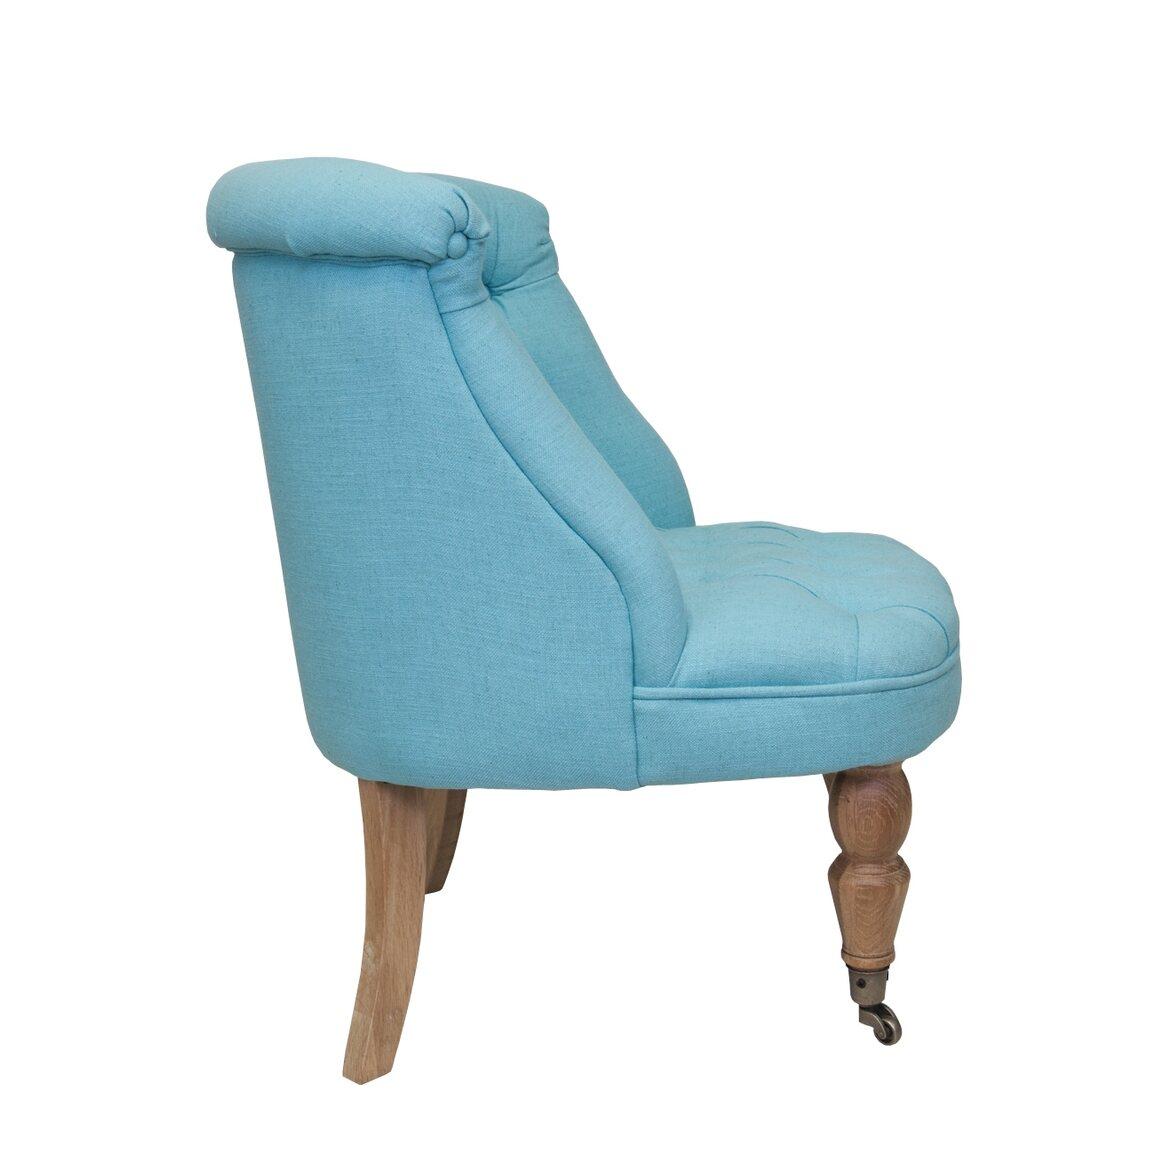 Низкое кресло Aviana Blue 2 | Маленькие кресла Kingsby